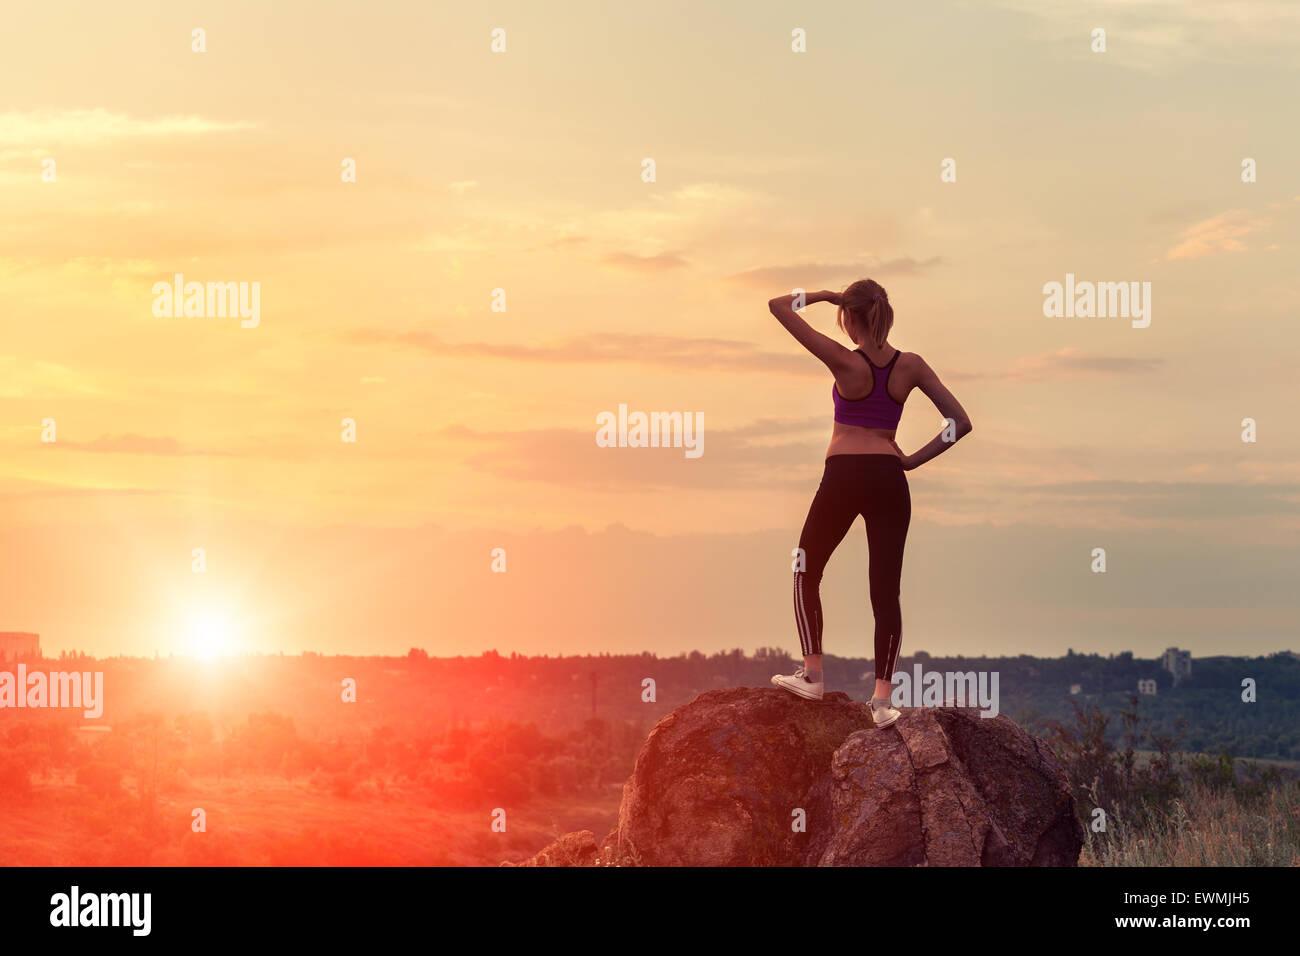 Joven mujer deportiva con los brazos levantados durante la puesta de sol en verano Imagen De Stock